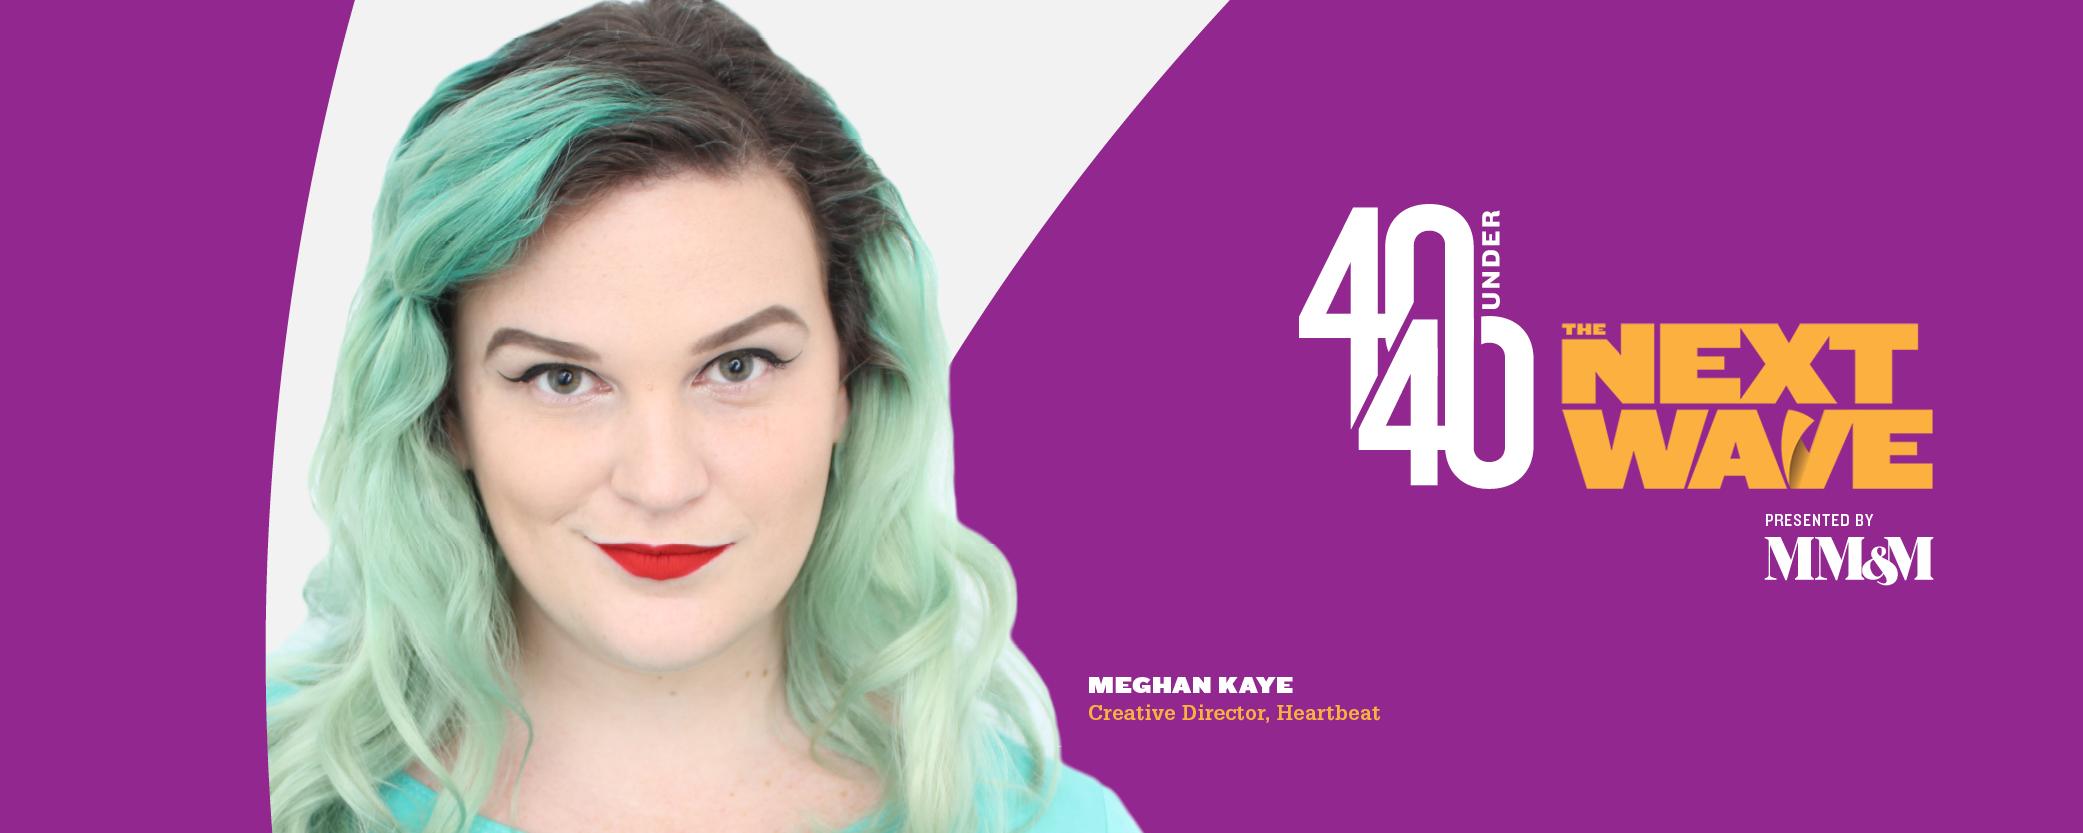 40 Under 40 2020: Meghan Kaye, Heartbeat